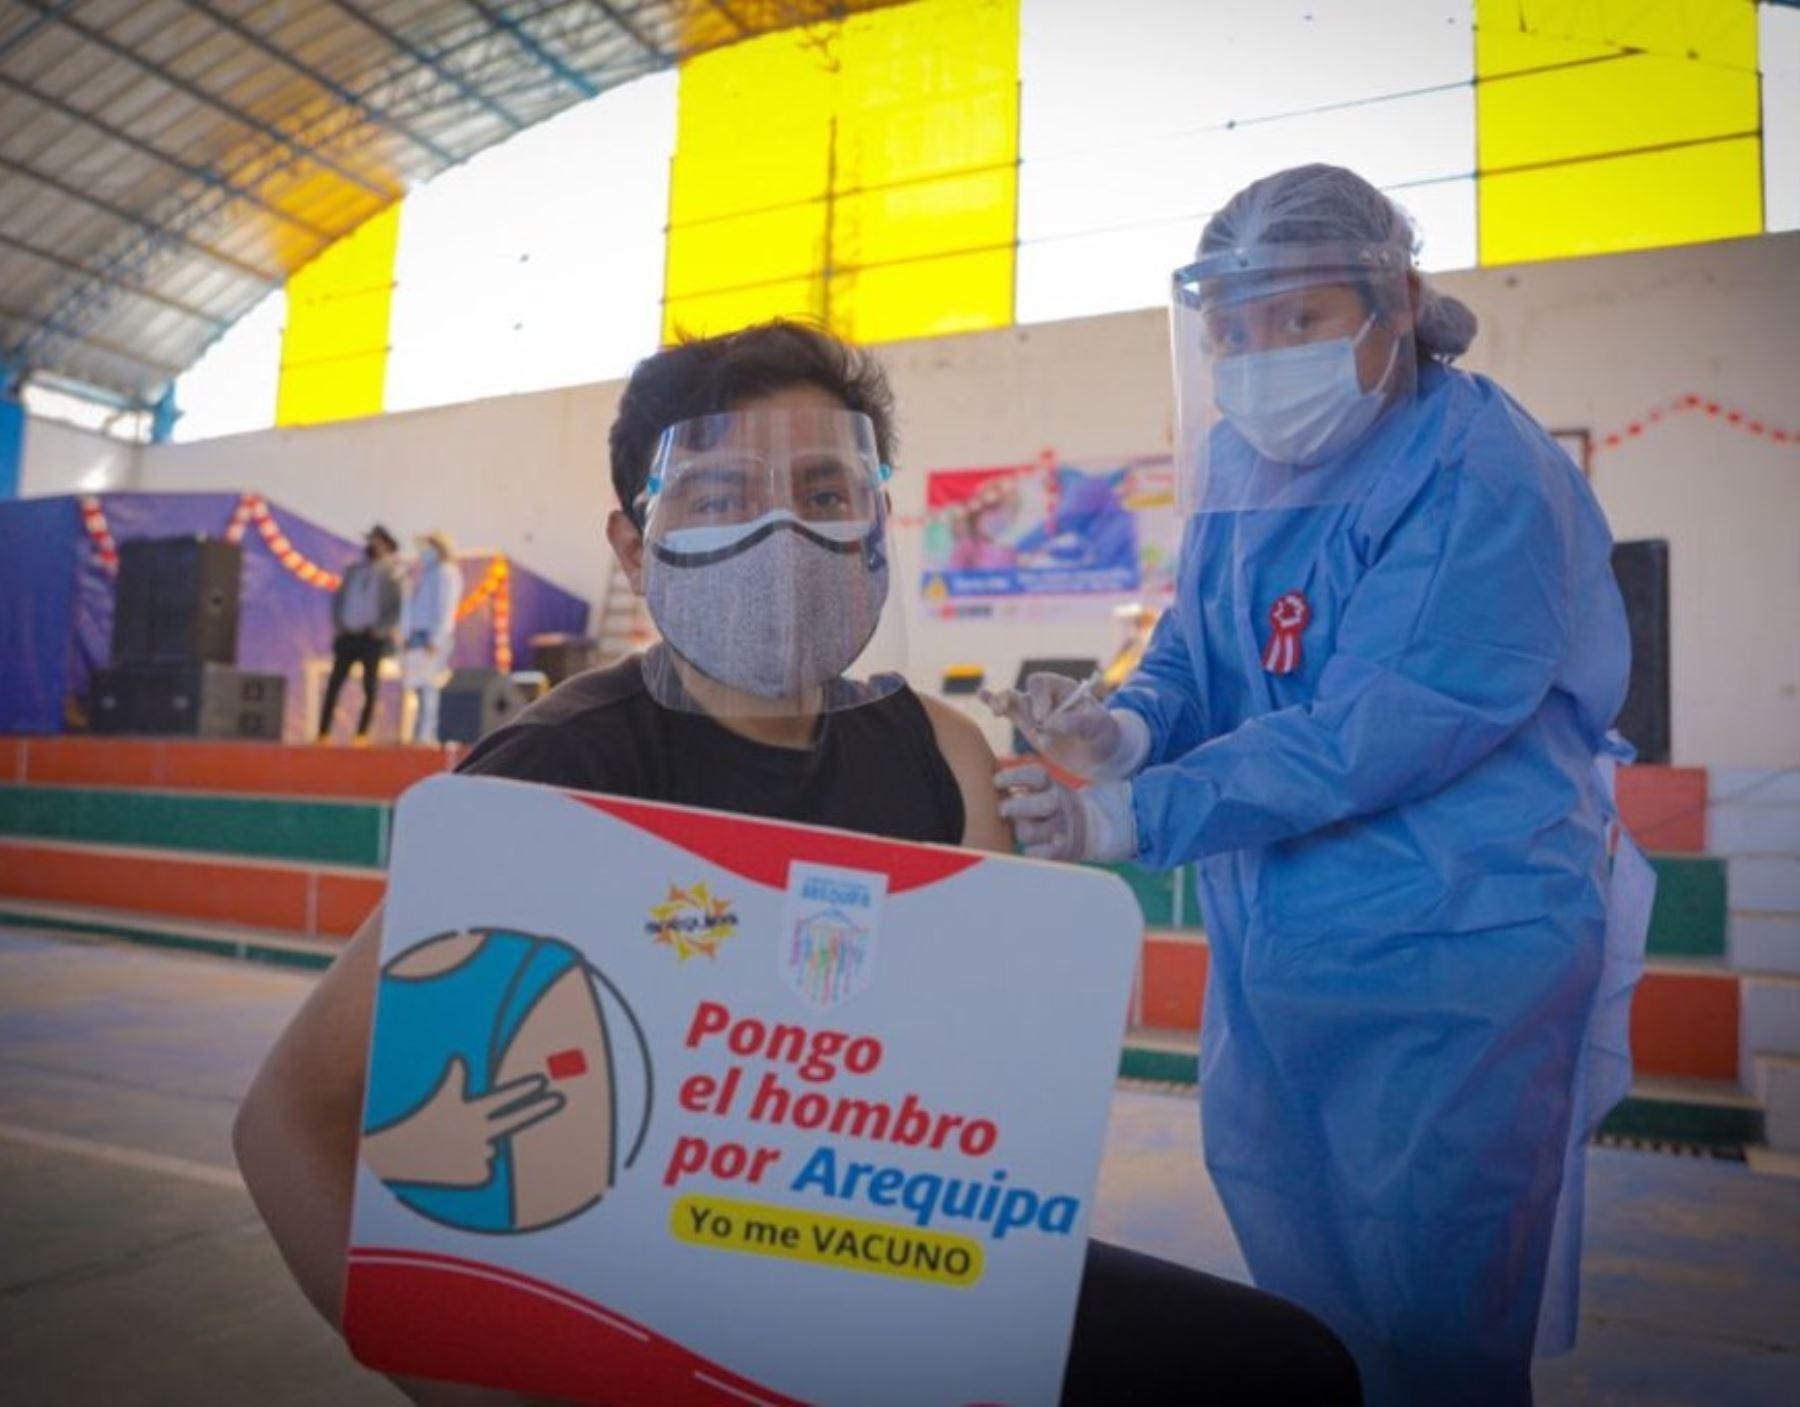 Arequipa da el salto: hoy inició vacunación contra la covid-19 a los mayores de 18 años